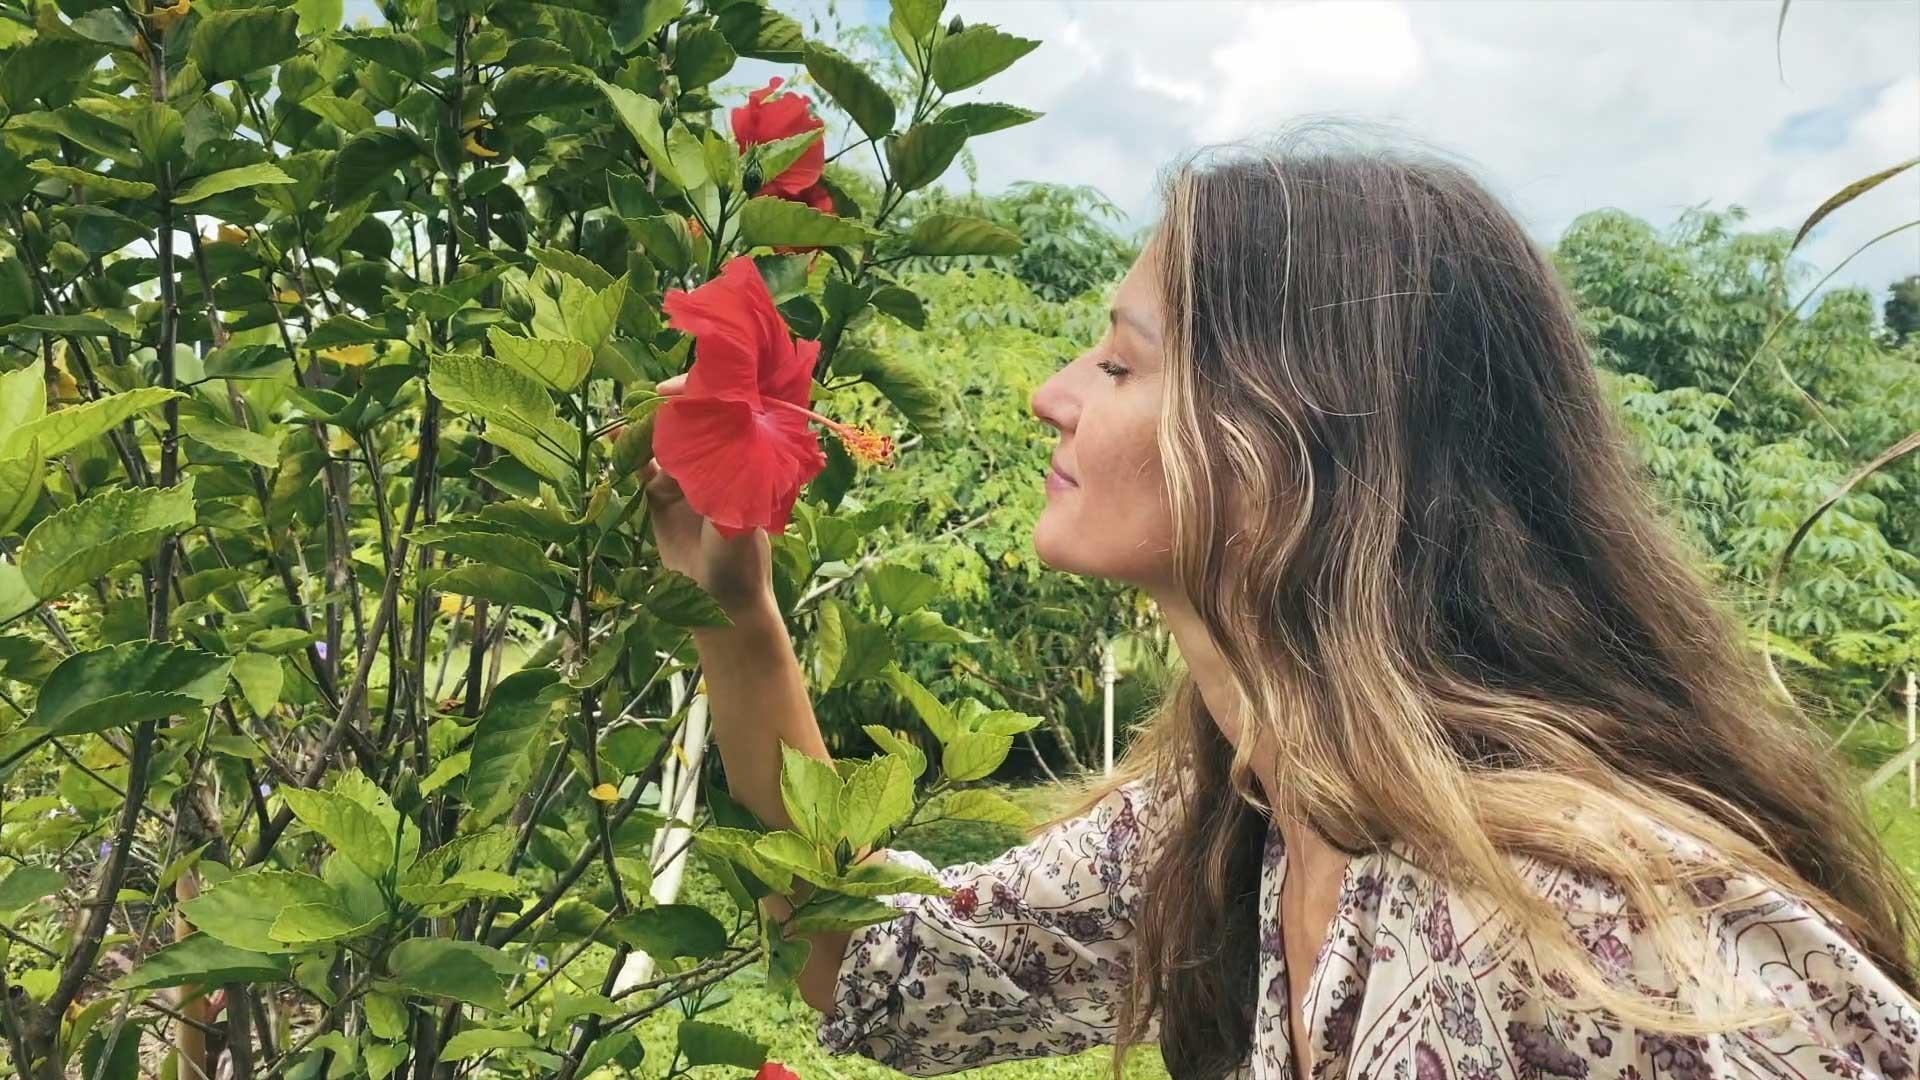 Gisele de perfil, cheira uma flor vermelha num arbusto